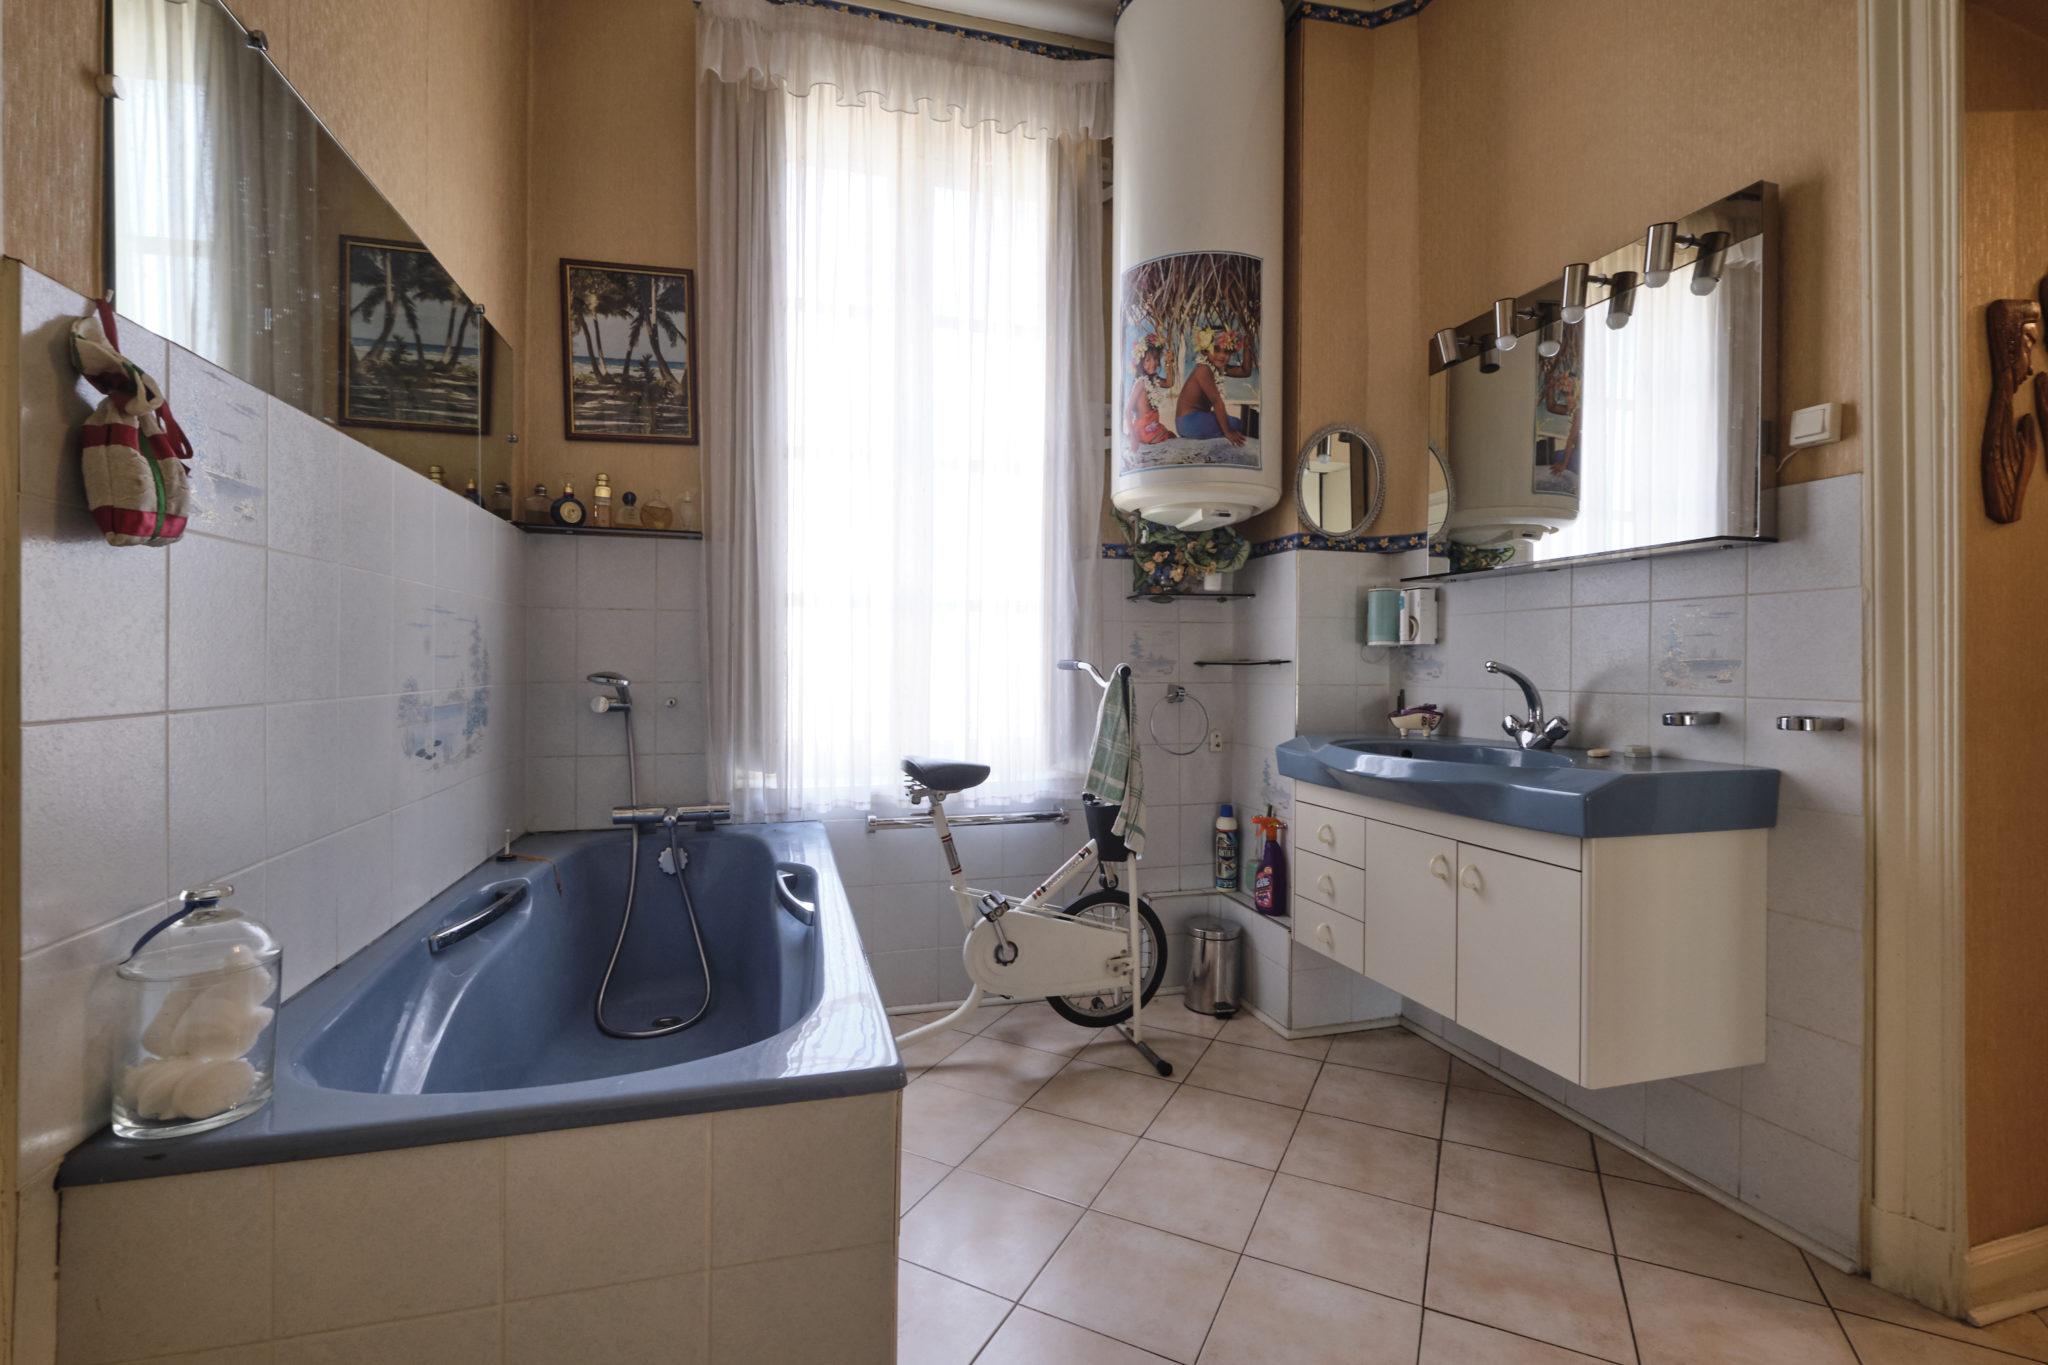 Foncia Immobilier - SHOOTING N° 921782 INFORMATIONS UTILES : Référence du bien : 1056699 Adresse :8 square gambetta - 11000 CARCASSONNE Nombre de pièces * : 5 Surface : 140 m²